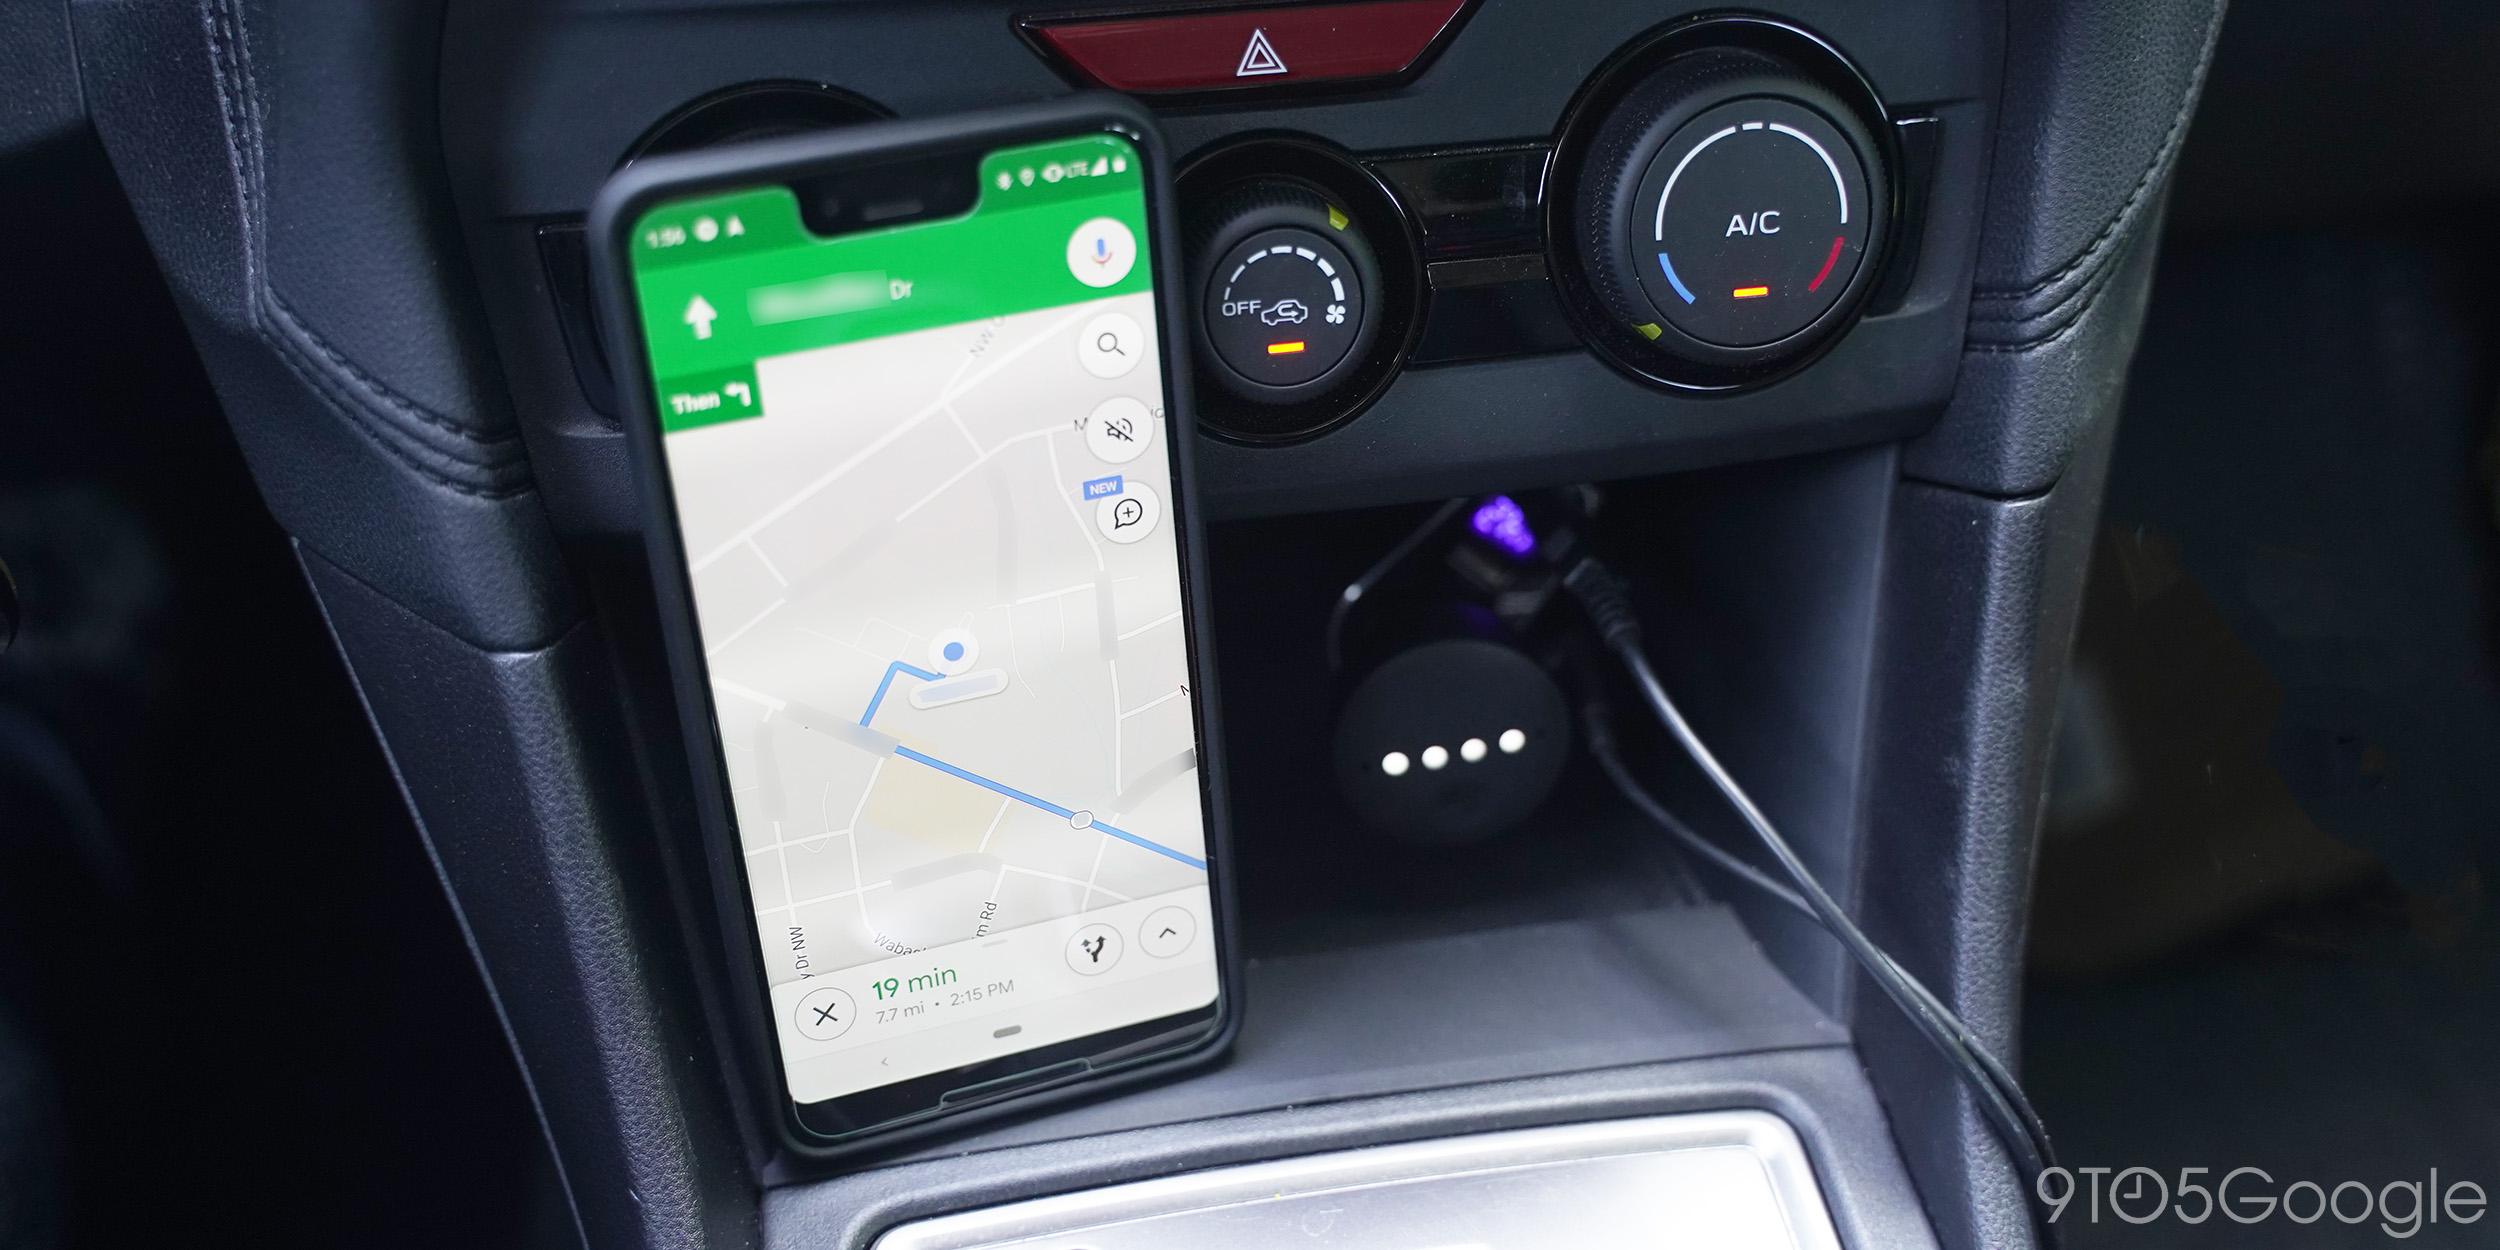 anker roav bolt google maps